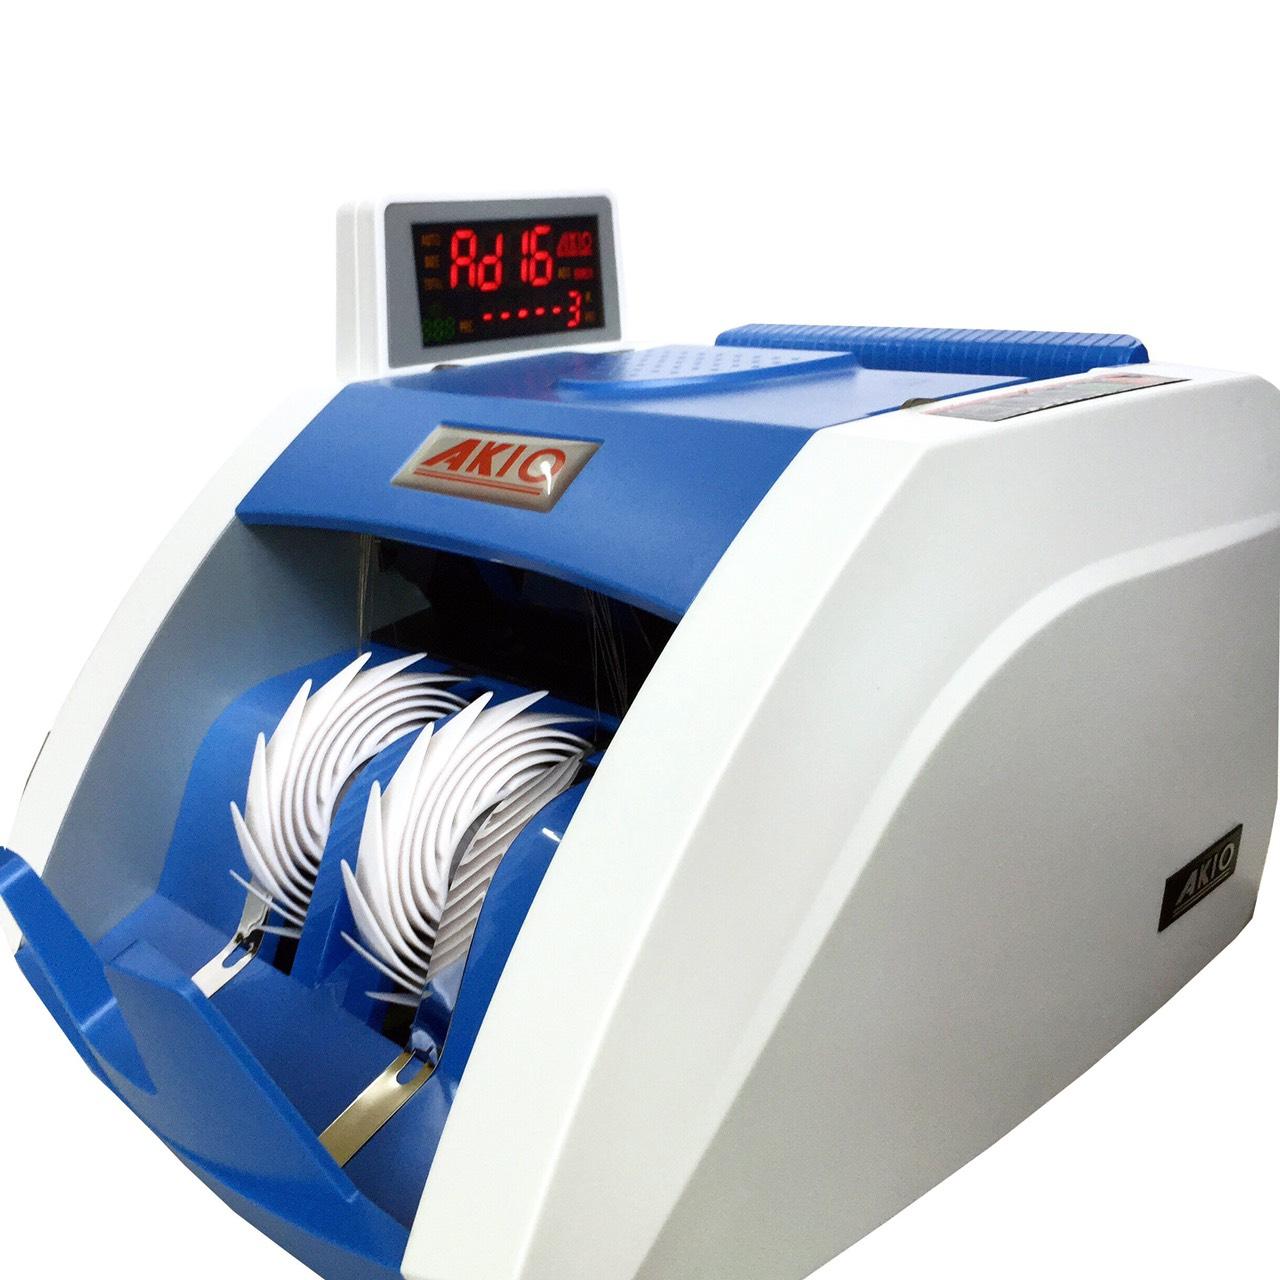 Liệu máy đếm tiền ngân hàng AKIO có đáng giá?